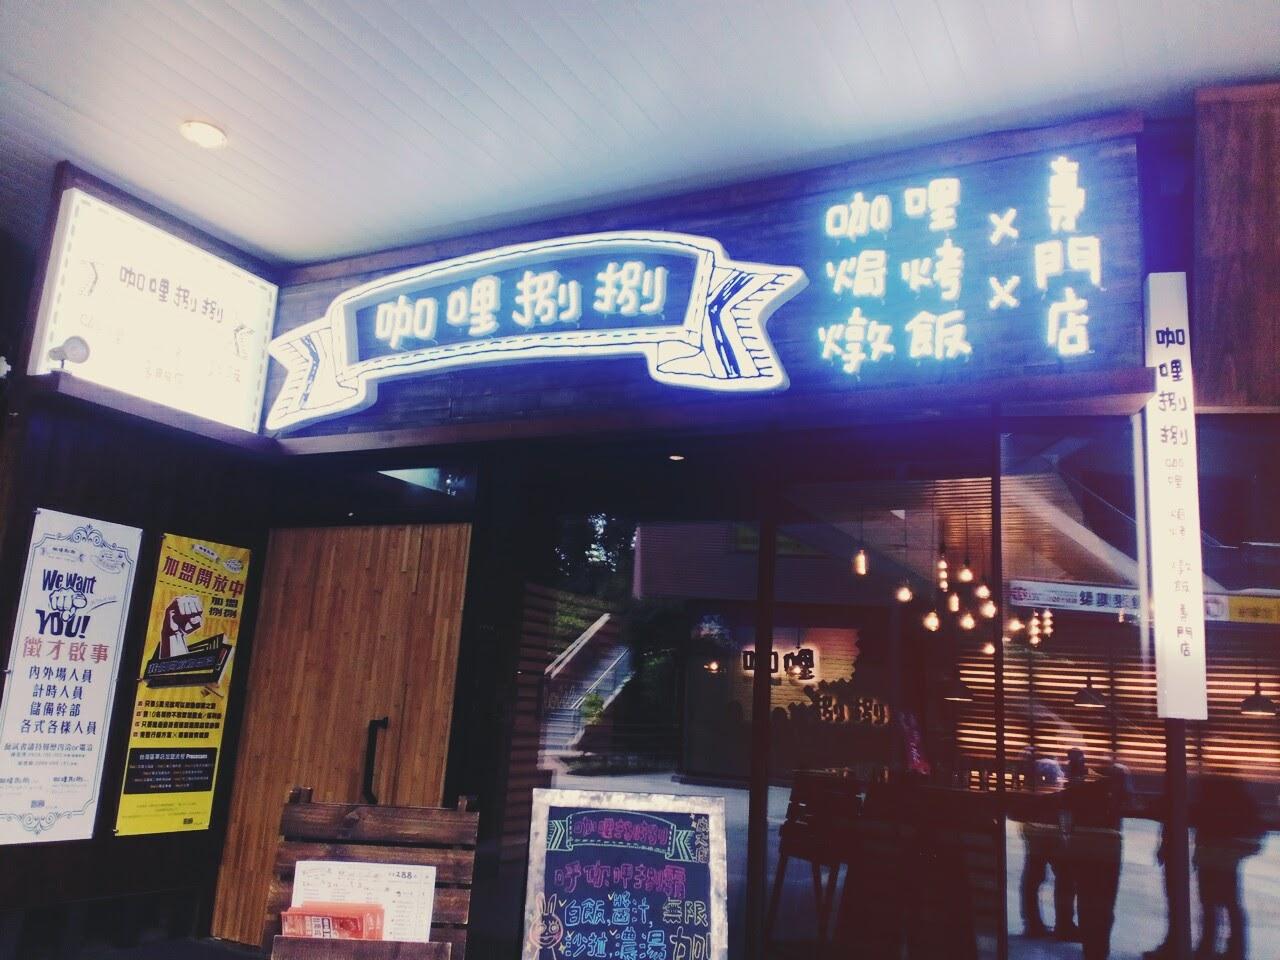 日本で話題のピンクカレーも!ニューオープンのカレー屋さんに行ってきた。台灣也有在日本造成話題的粉紅咖哩!去了新開幕的咖哩餐廳。